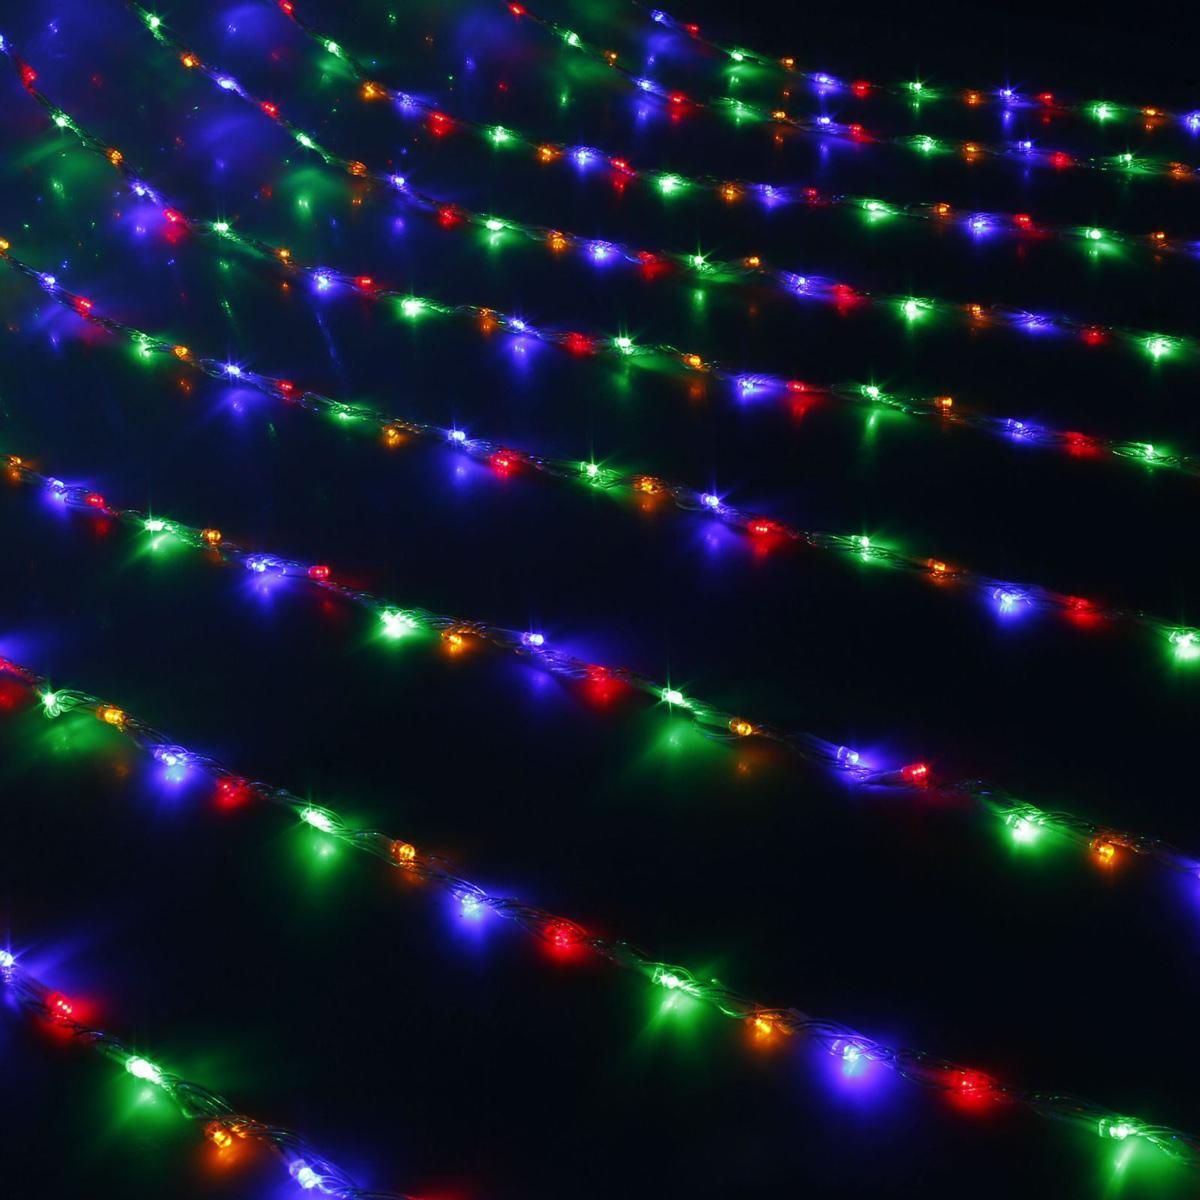 Гирлянда светодиодная Luazon Дождь, уличная, 1500 ламп, 220 V, цвет: мультиколор, 2 х 6 м. 10802001080200Светодиодные гирлянды, ленты и т.д — это отличный вариант для новогоднего оформления интерьера или фасада. С их помощью помещение любого размера можно превратить в праздничный зал, а внешние элементы зданий, украшенные ими, мгновенно станут напоминать очертания сказочного дворца. Такие украшения создают ауру предвкушения чуда. Деревья, фасады, витрины, окна и арки будто специально созданы, чтобы вы украсили их светящимися нитями.